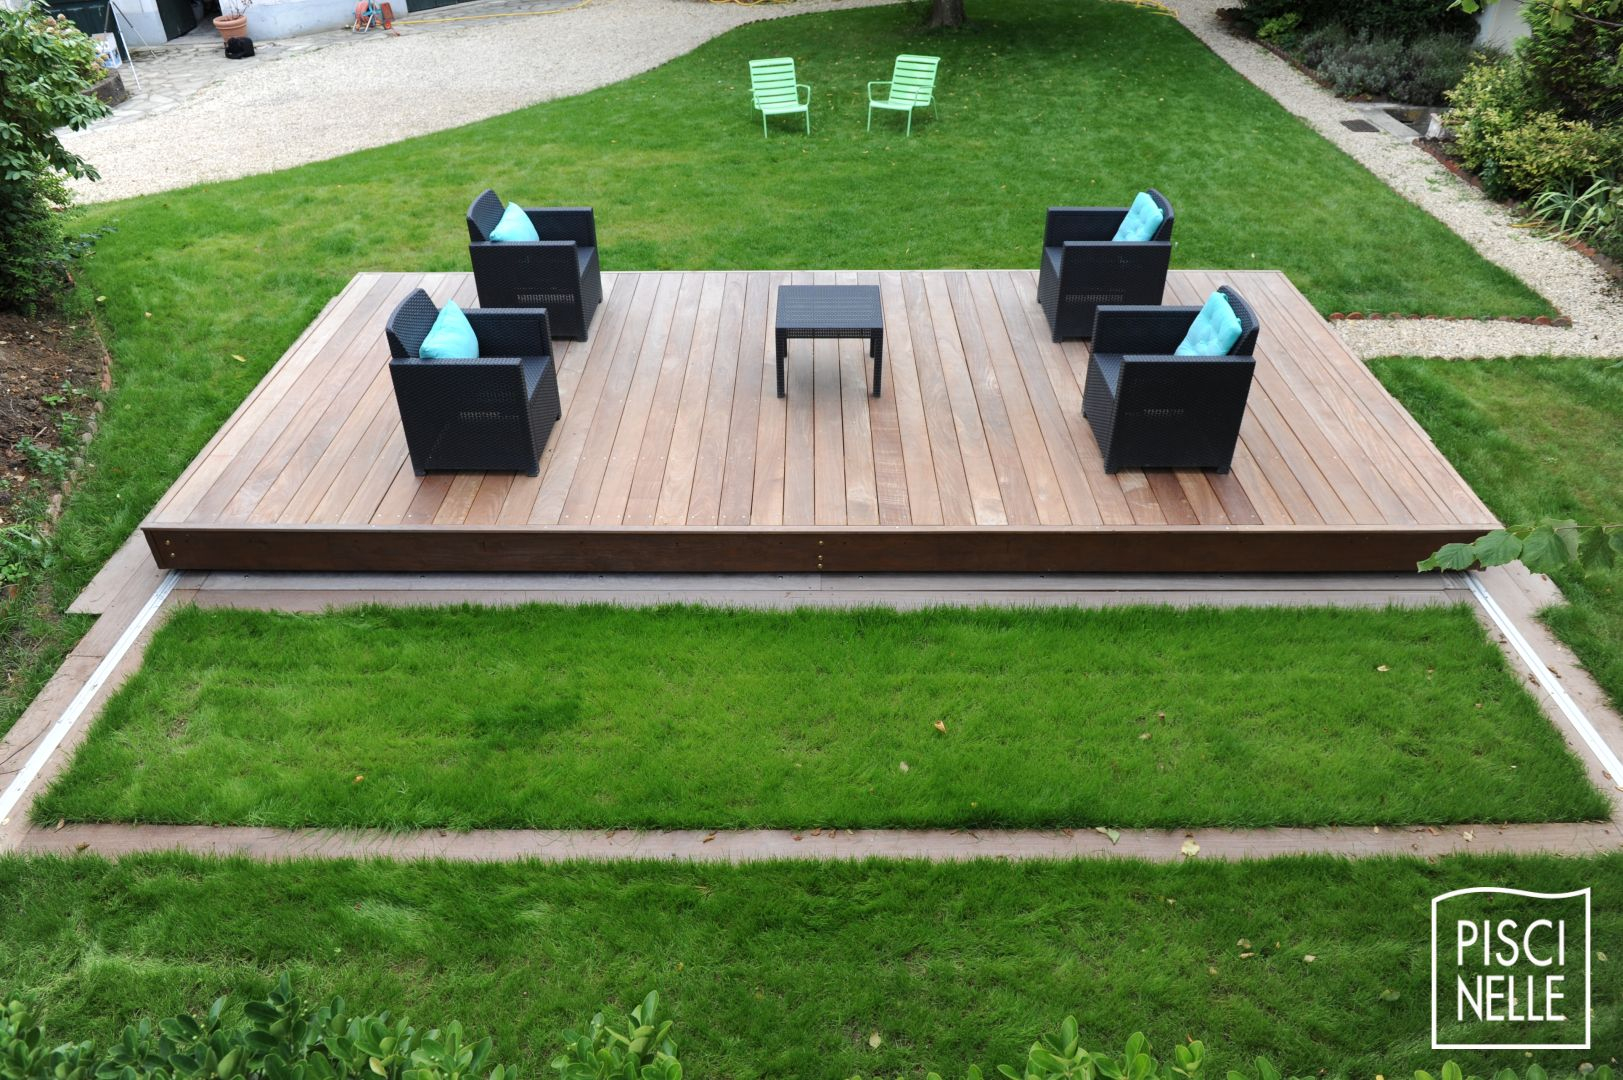 Terrasse Piscine Mobile : Le Rolling-Deck Piscinelle ... intérieur Rolling Deck Prix